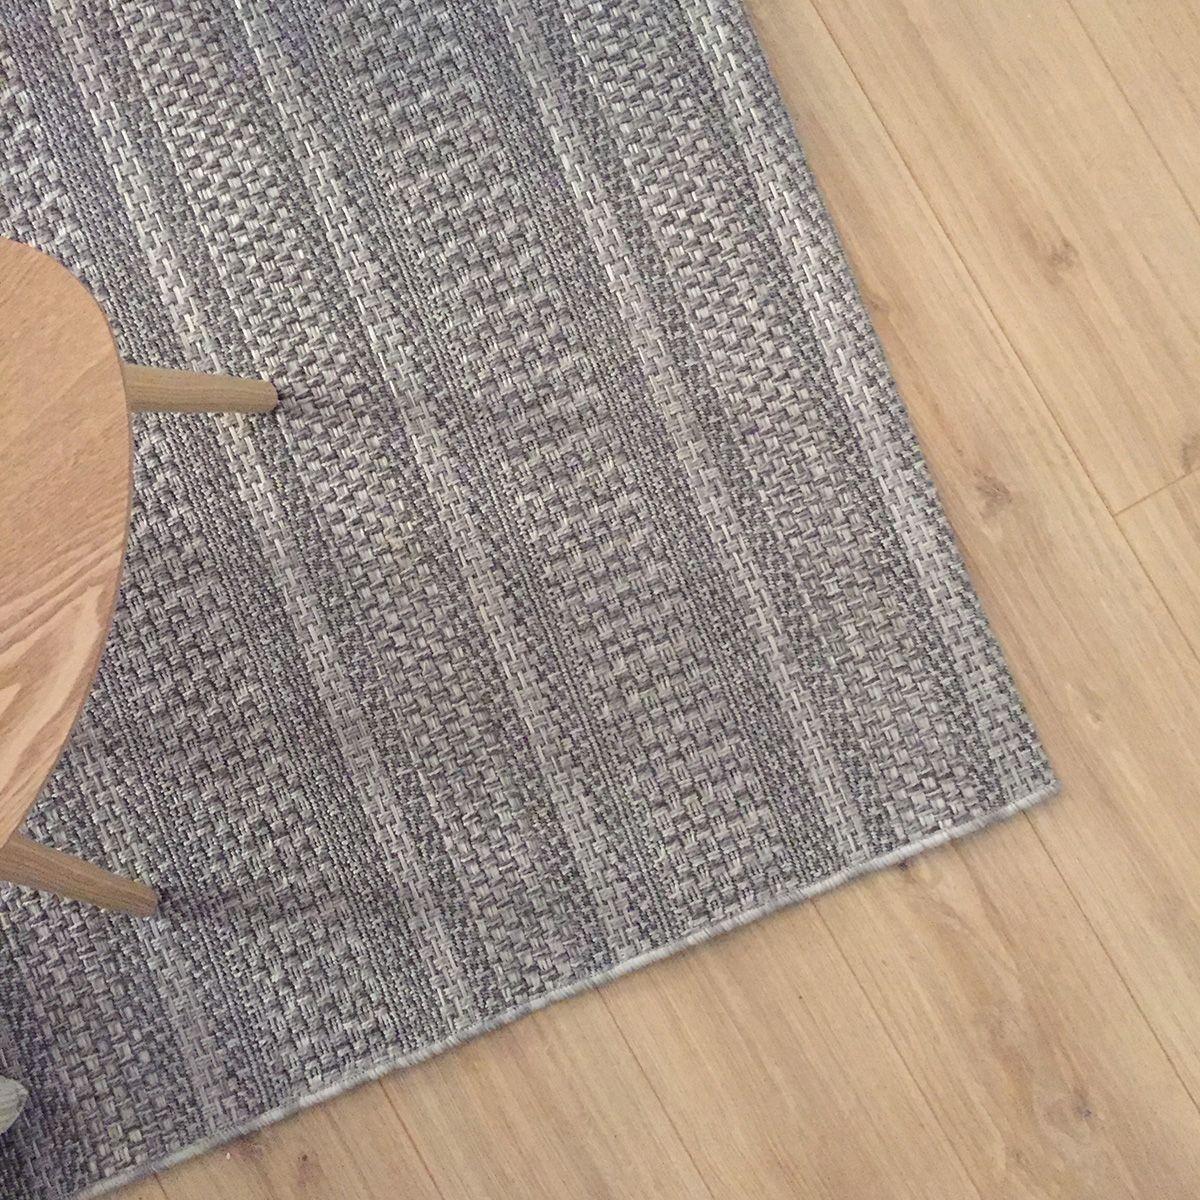 Tapis tissé plat bande grise Baldi 120x170 cm